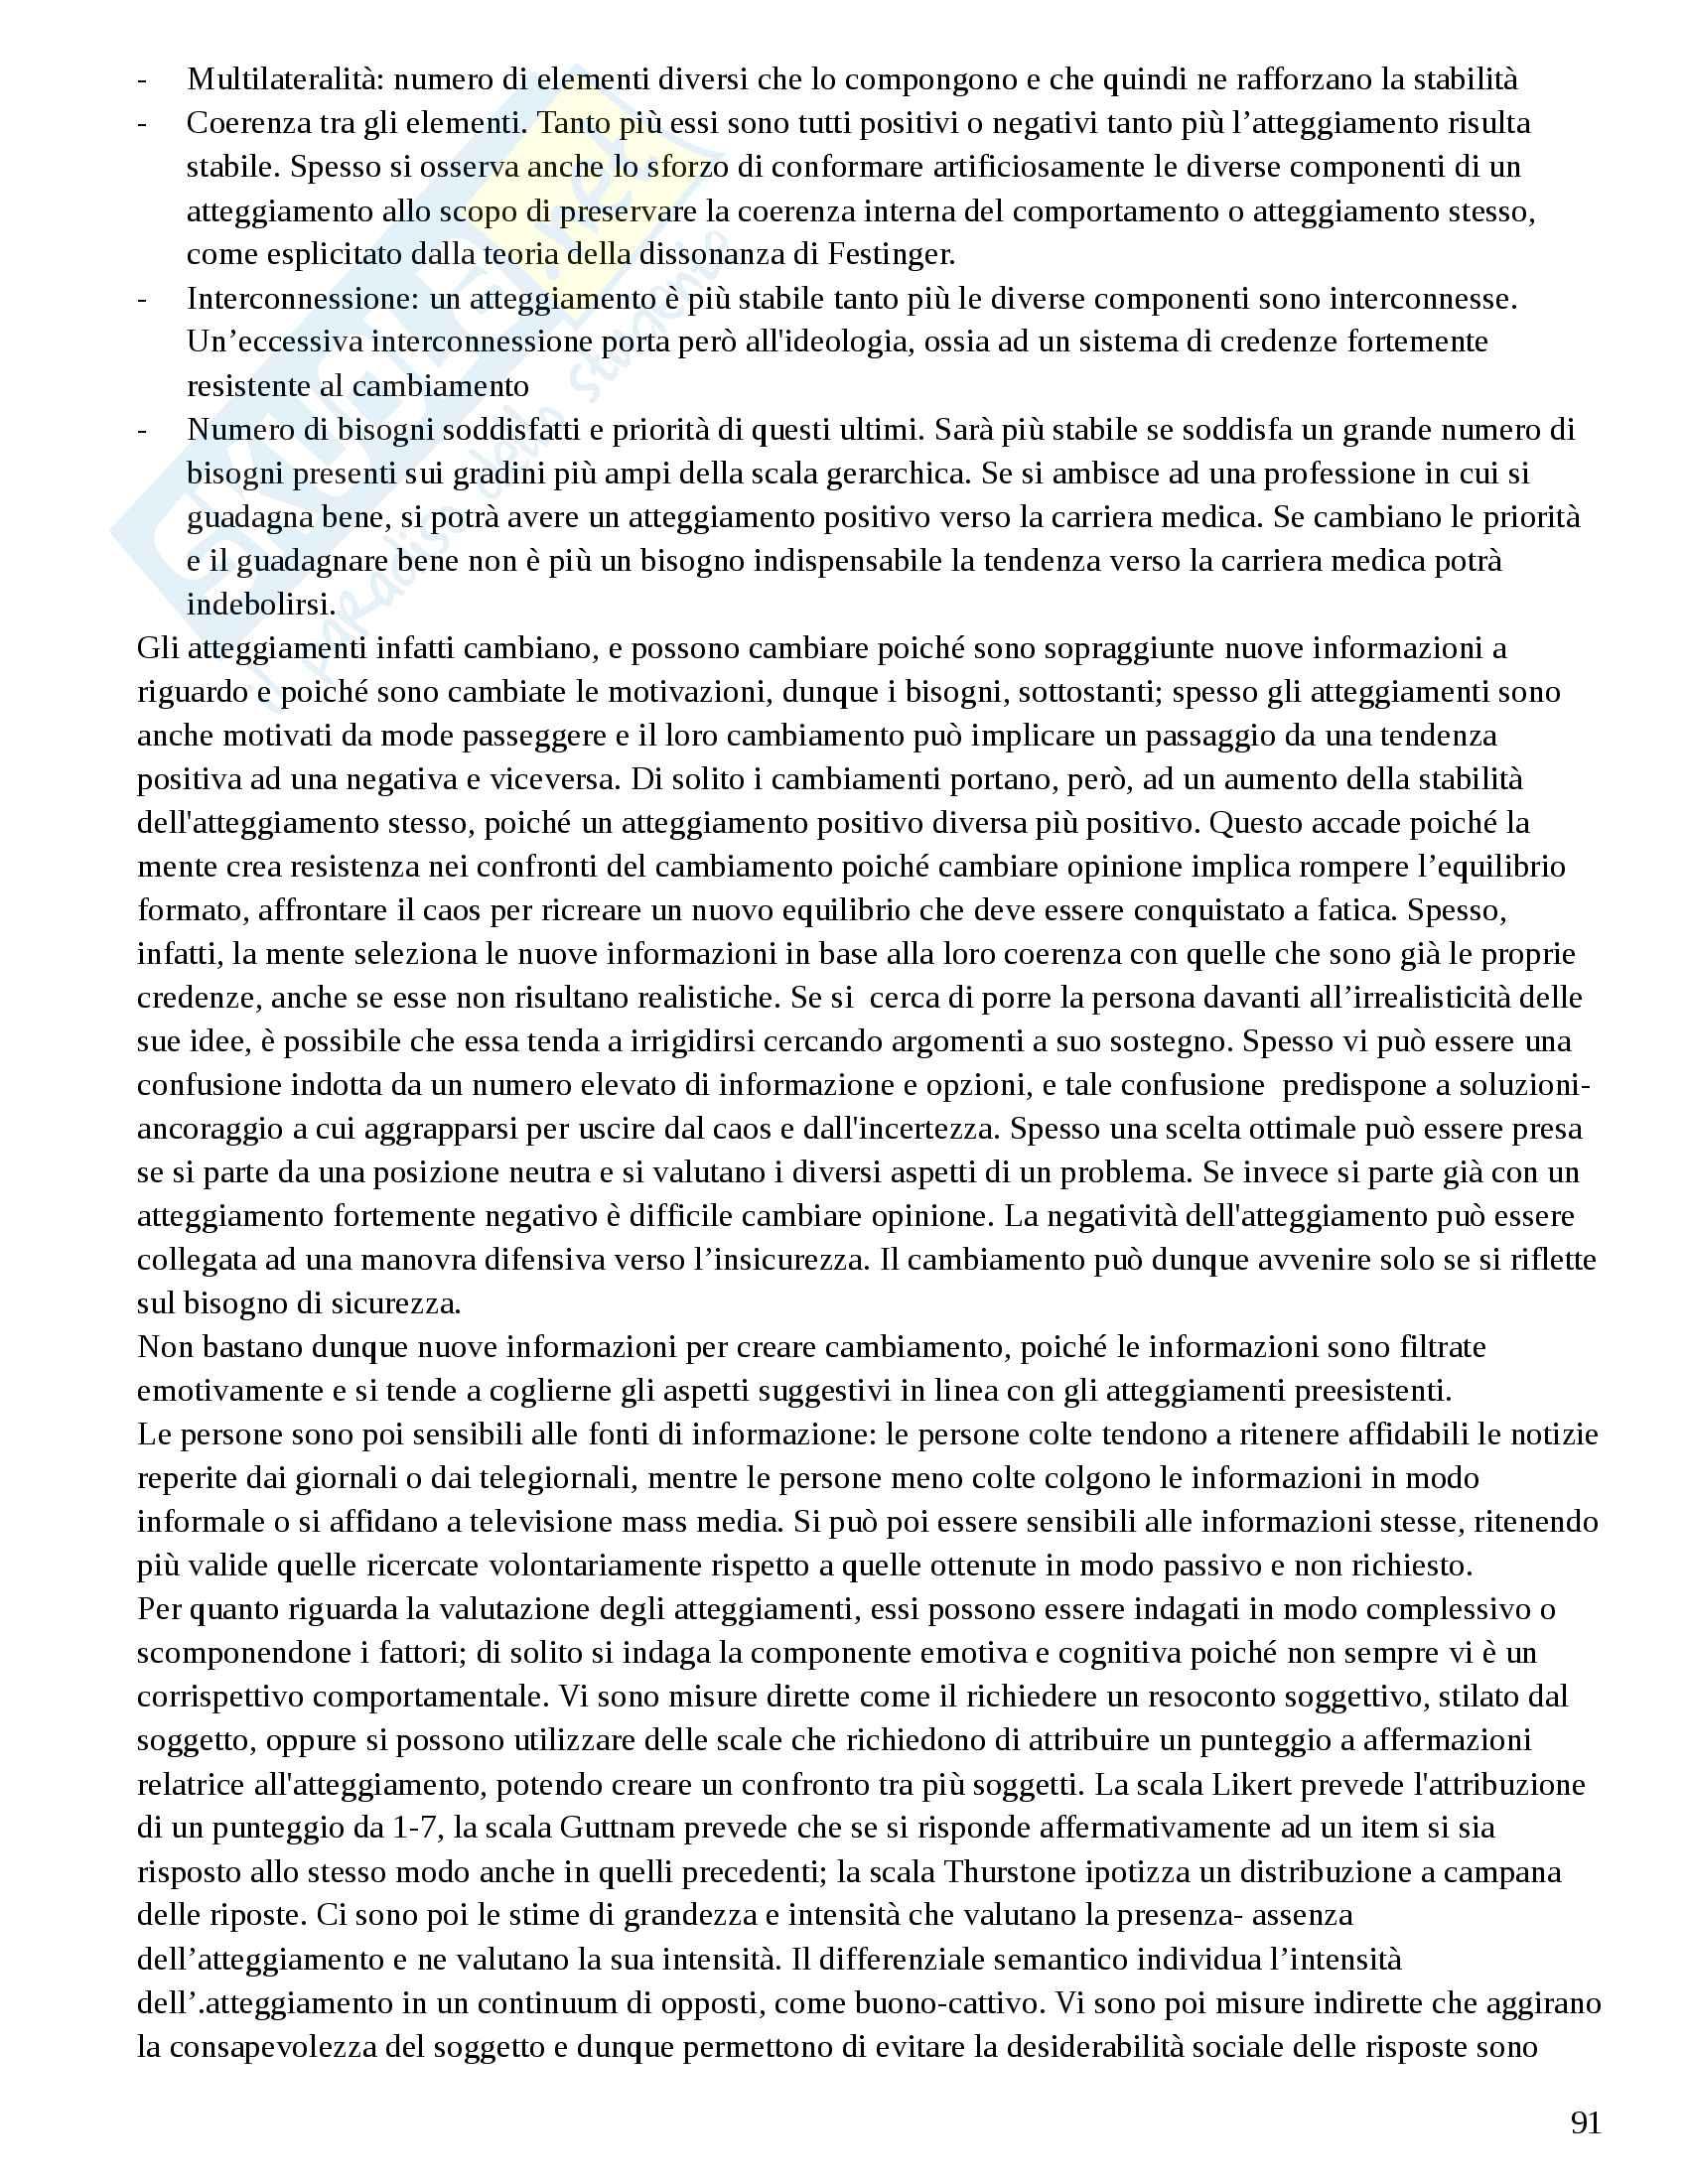 Riassunto esame preparazione Prima Prova Esame di Stato Psicologia (Albo A) Pag. 91